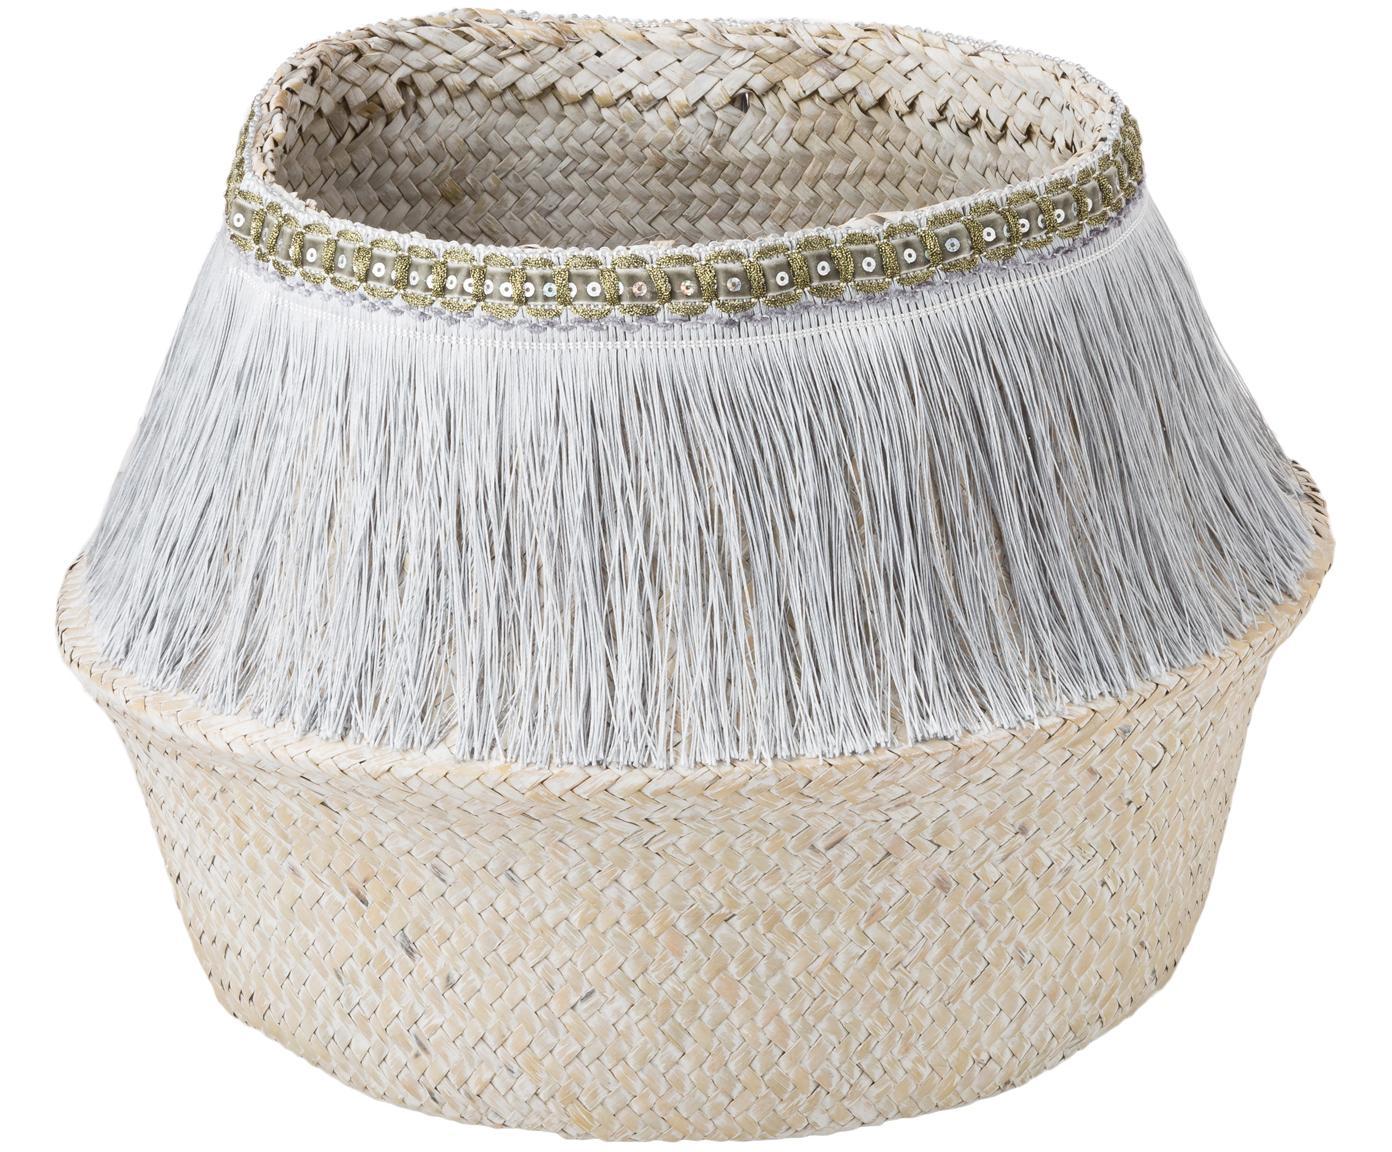 Handgefertigter Aufbewahrungskorb Frans, Korb: Seegras, Fransen: Polyester, Silberfarben, Weiß, Ø 35 x H 25 cm